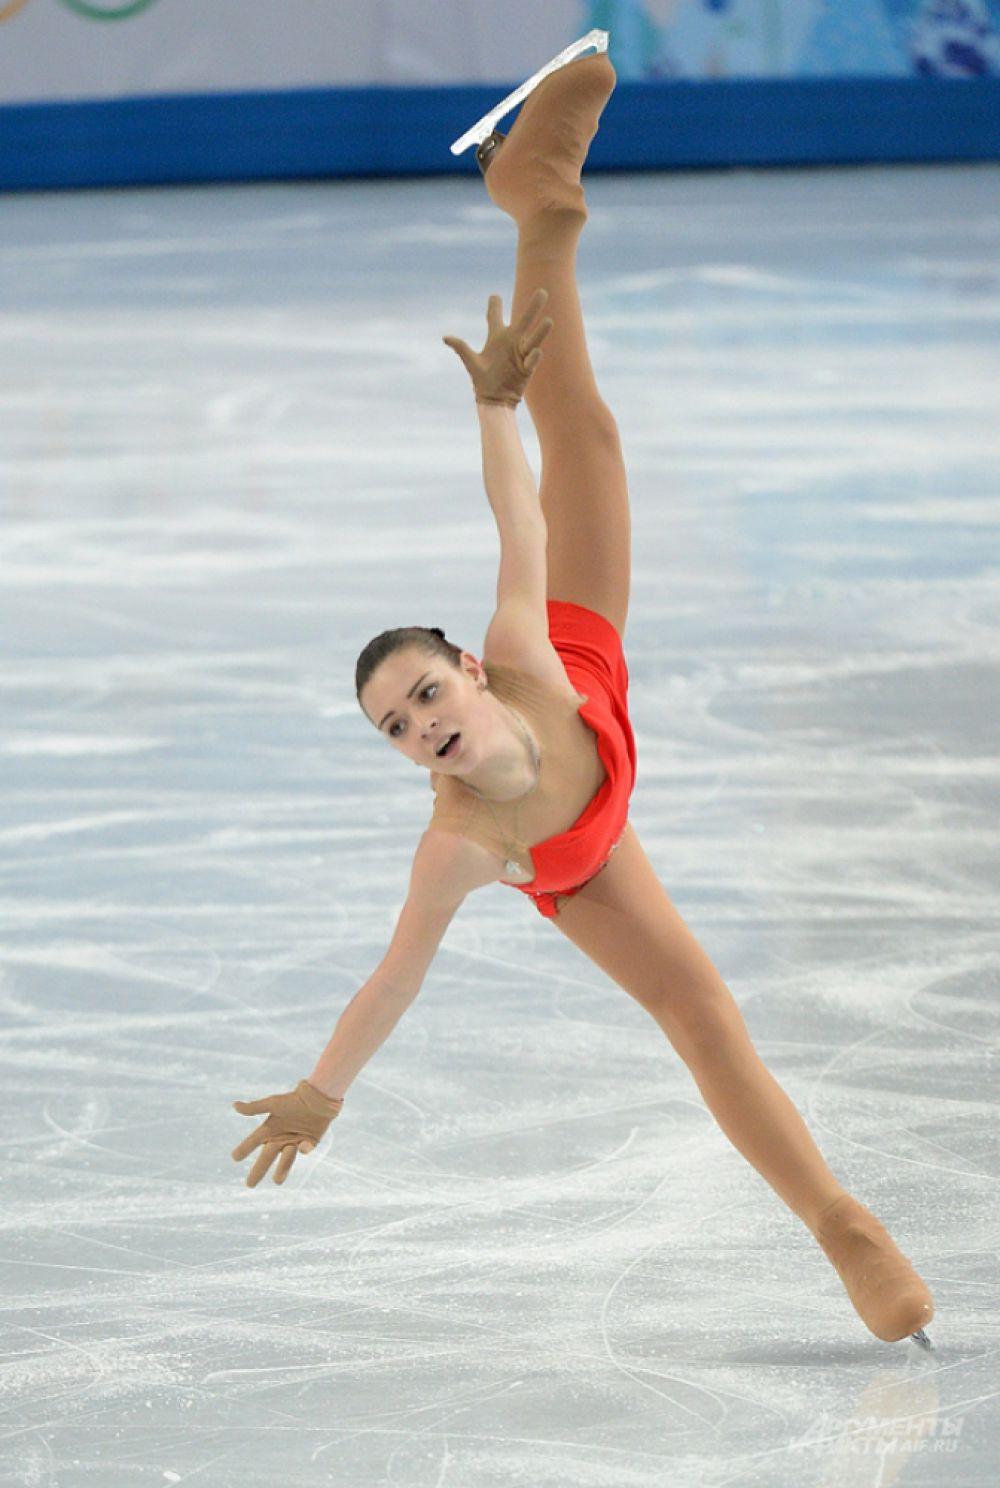 У каждой из фигурных дисциплин есть свои обязательные элементы: в женском и парном катании спортсмены должны исполнять спираль (длительное скольжение с поднятой ногой), в танцах на льду – дорожку шагов.